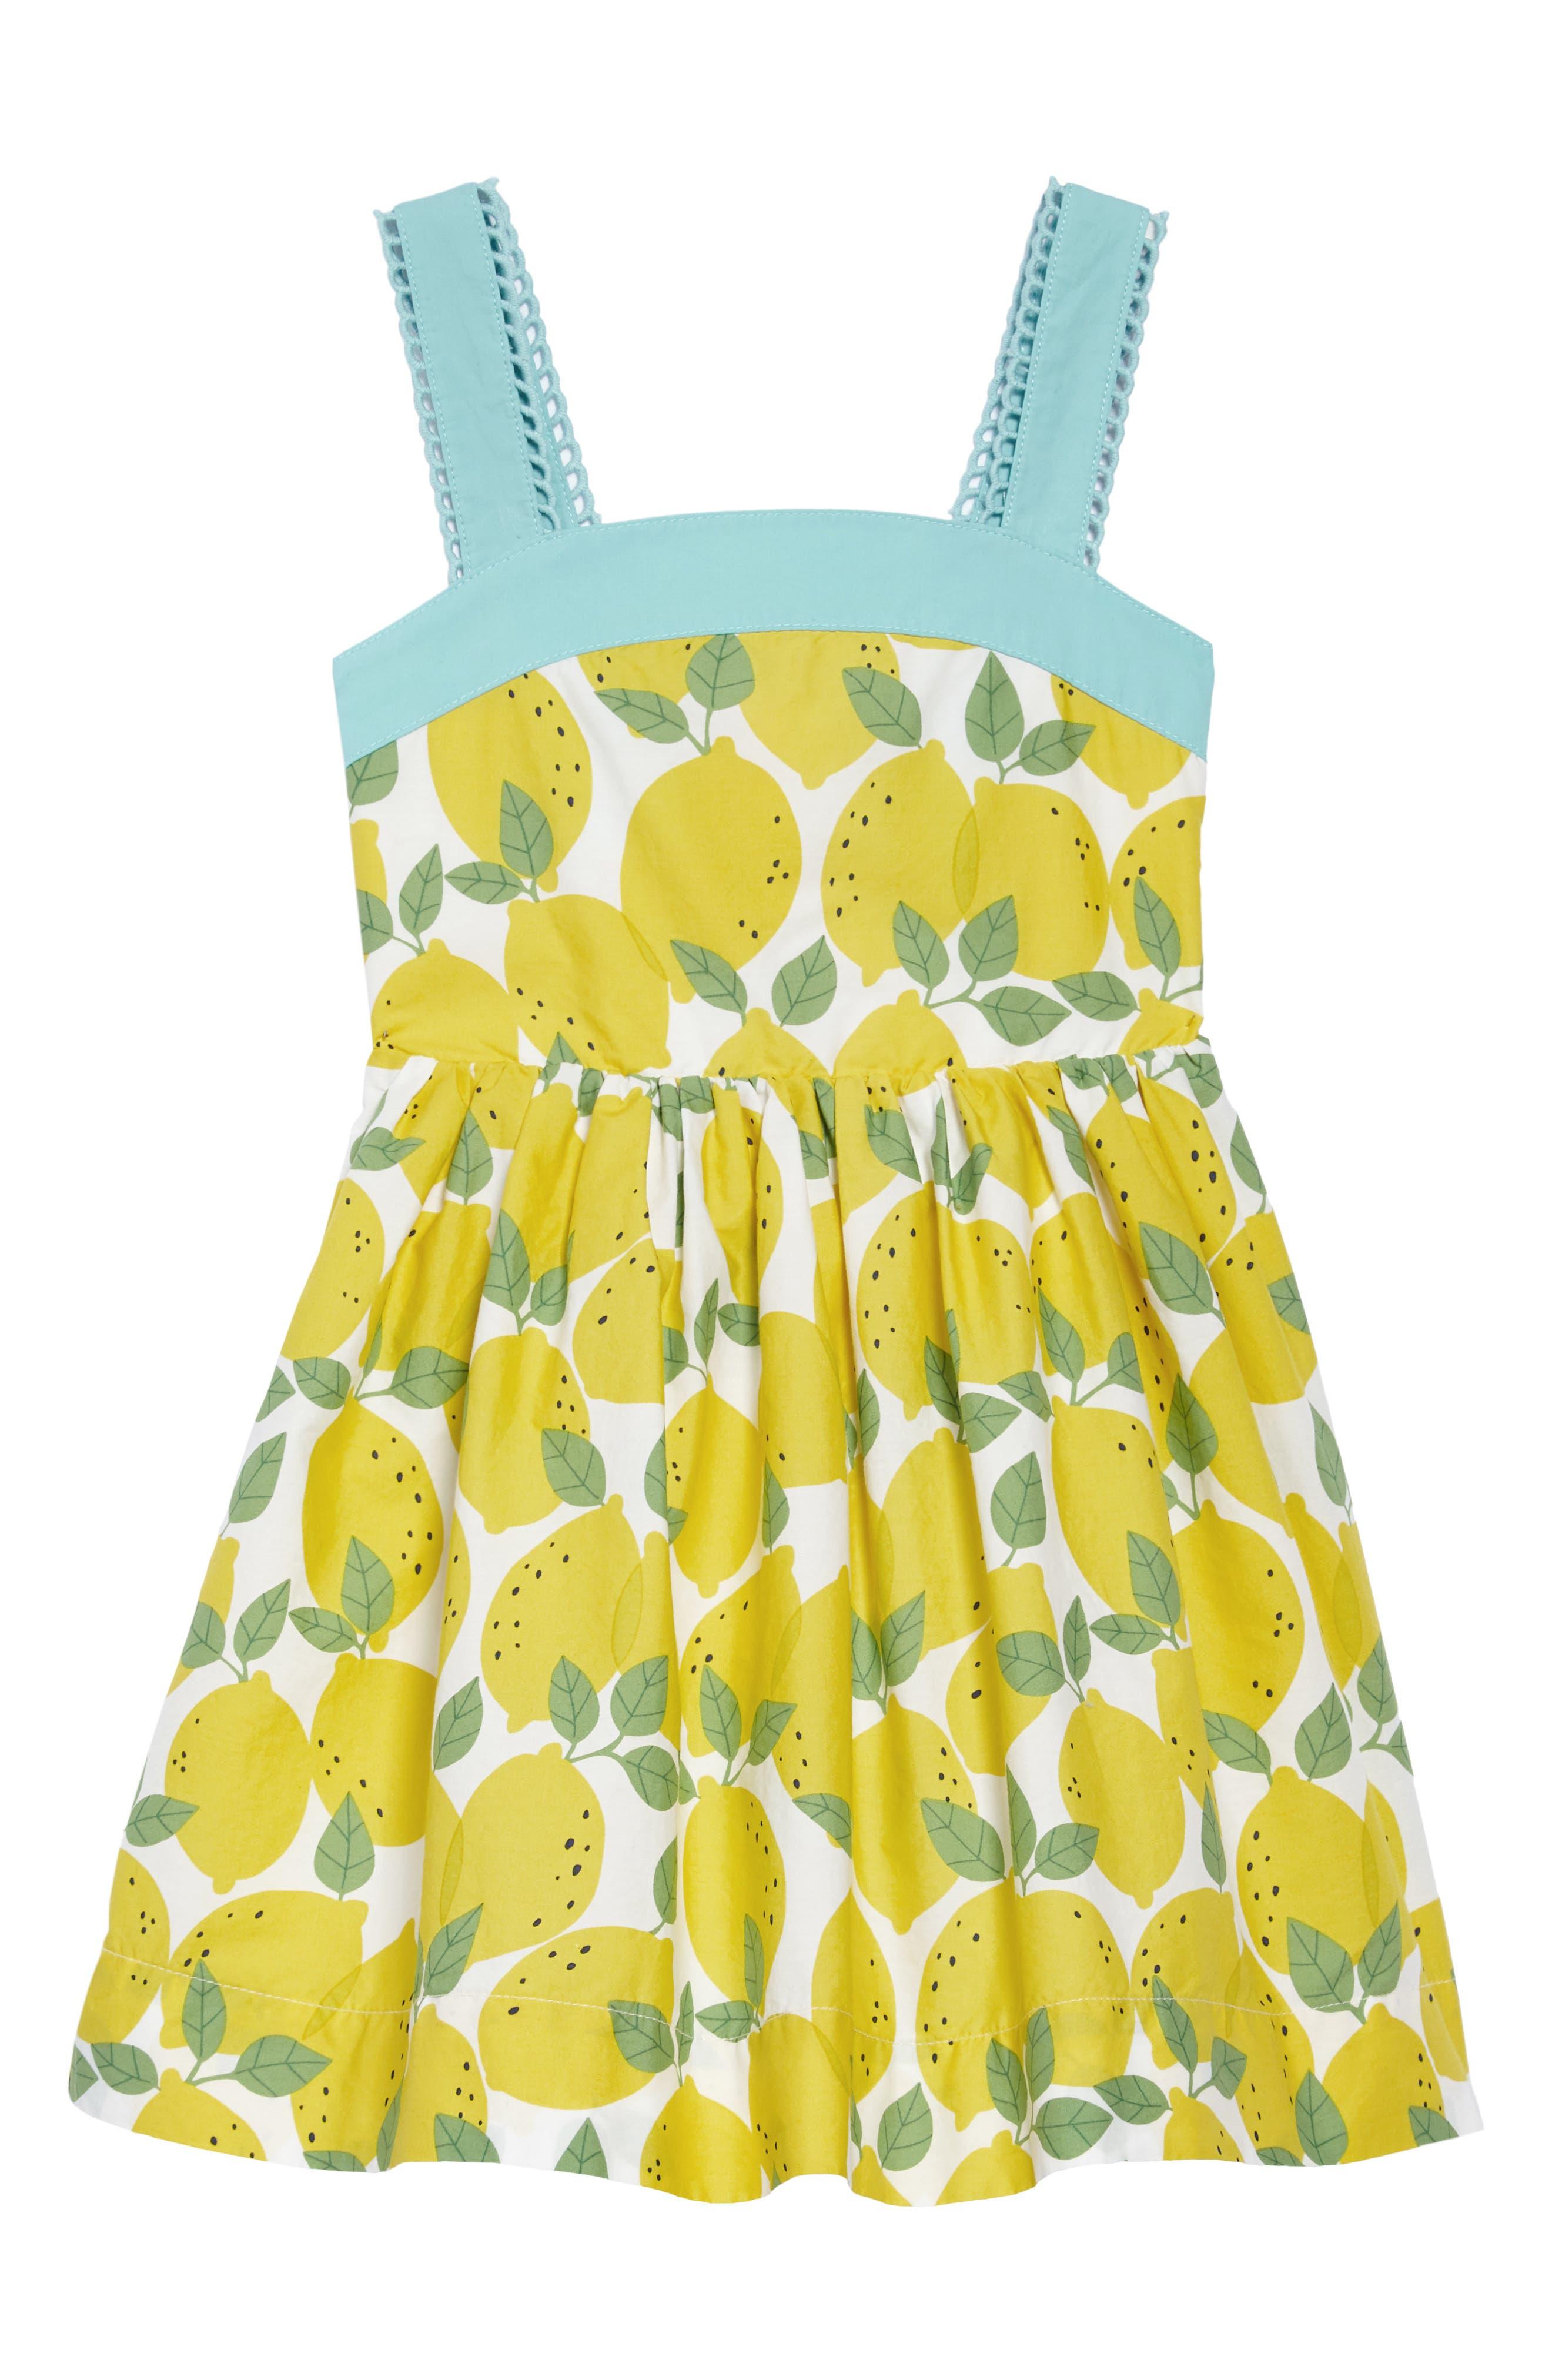 Alternate Image 1 Selected - Mini Boden Fifties Summer Dress (Toddler Girls, Little Girls & Big Girls)